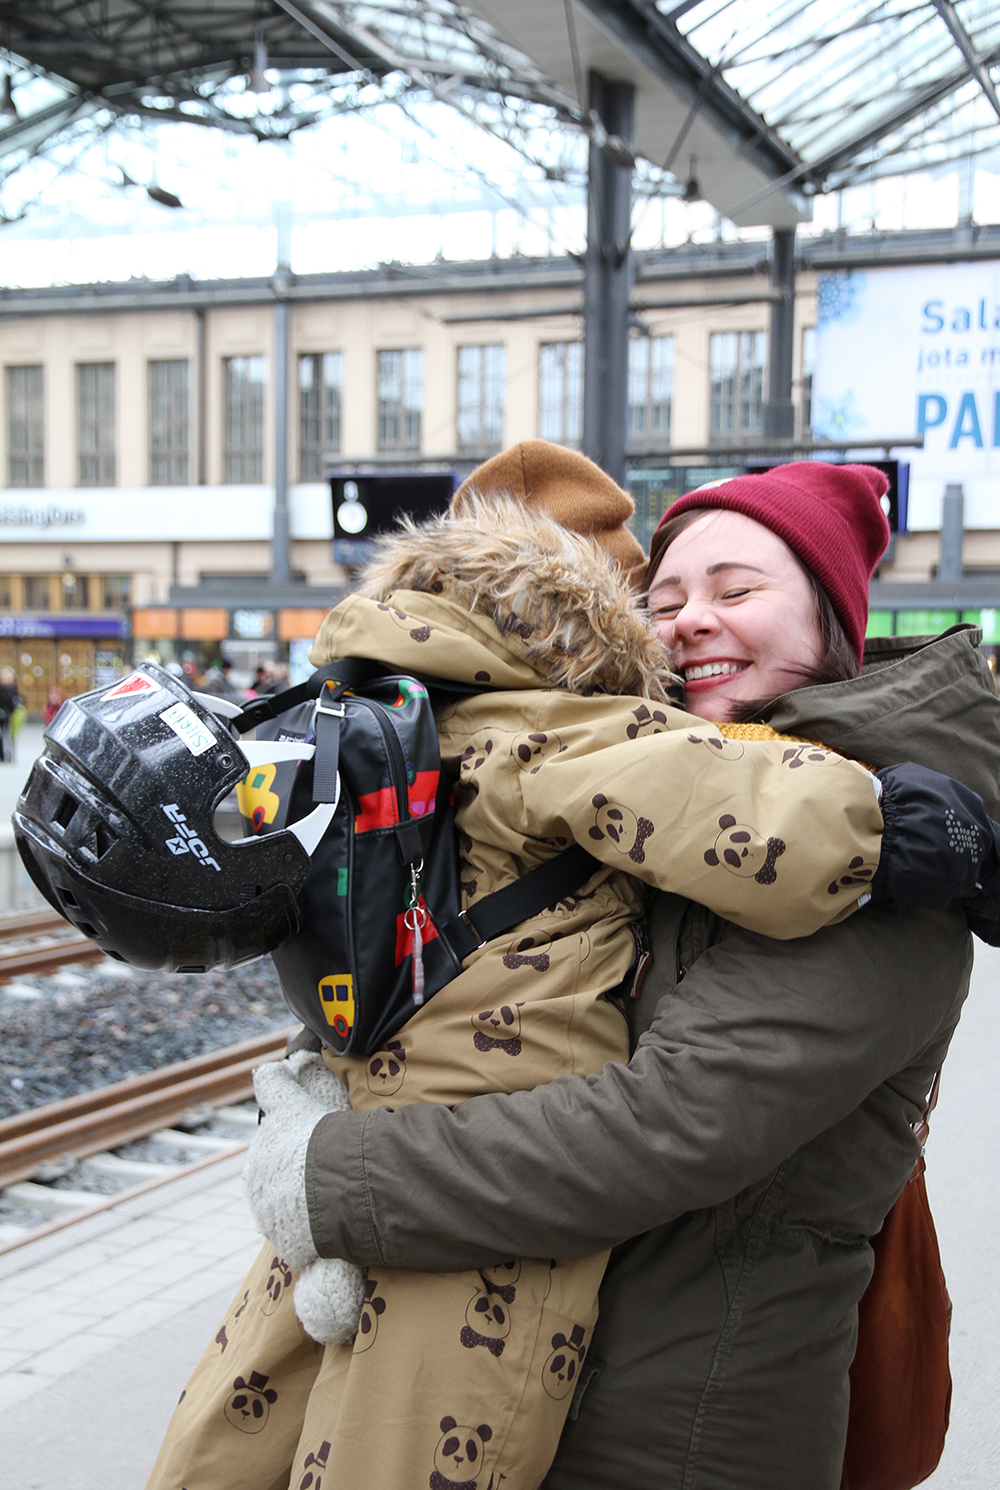 iloinen jalleennakeminen martta siiri hunajaista blogi helsingin rautatieasema